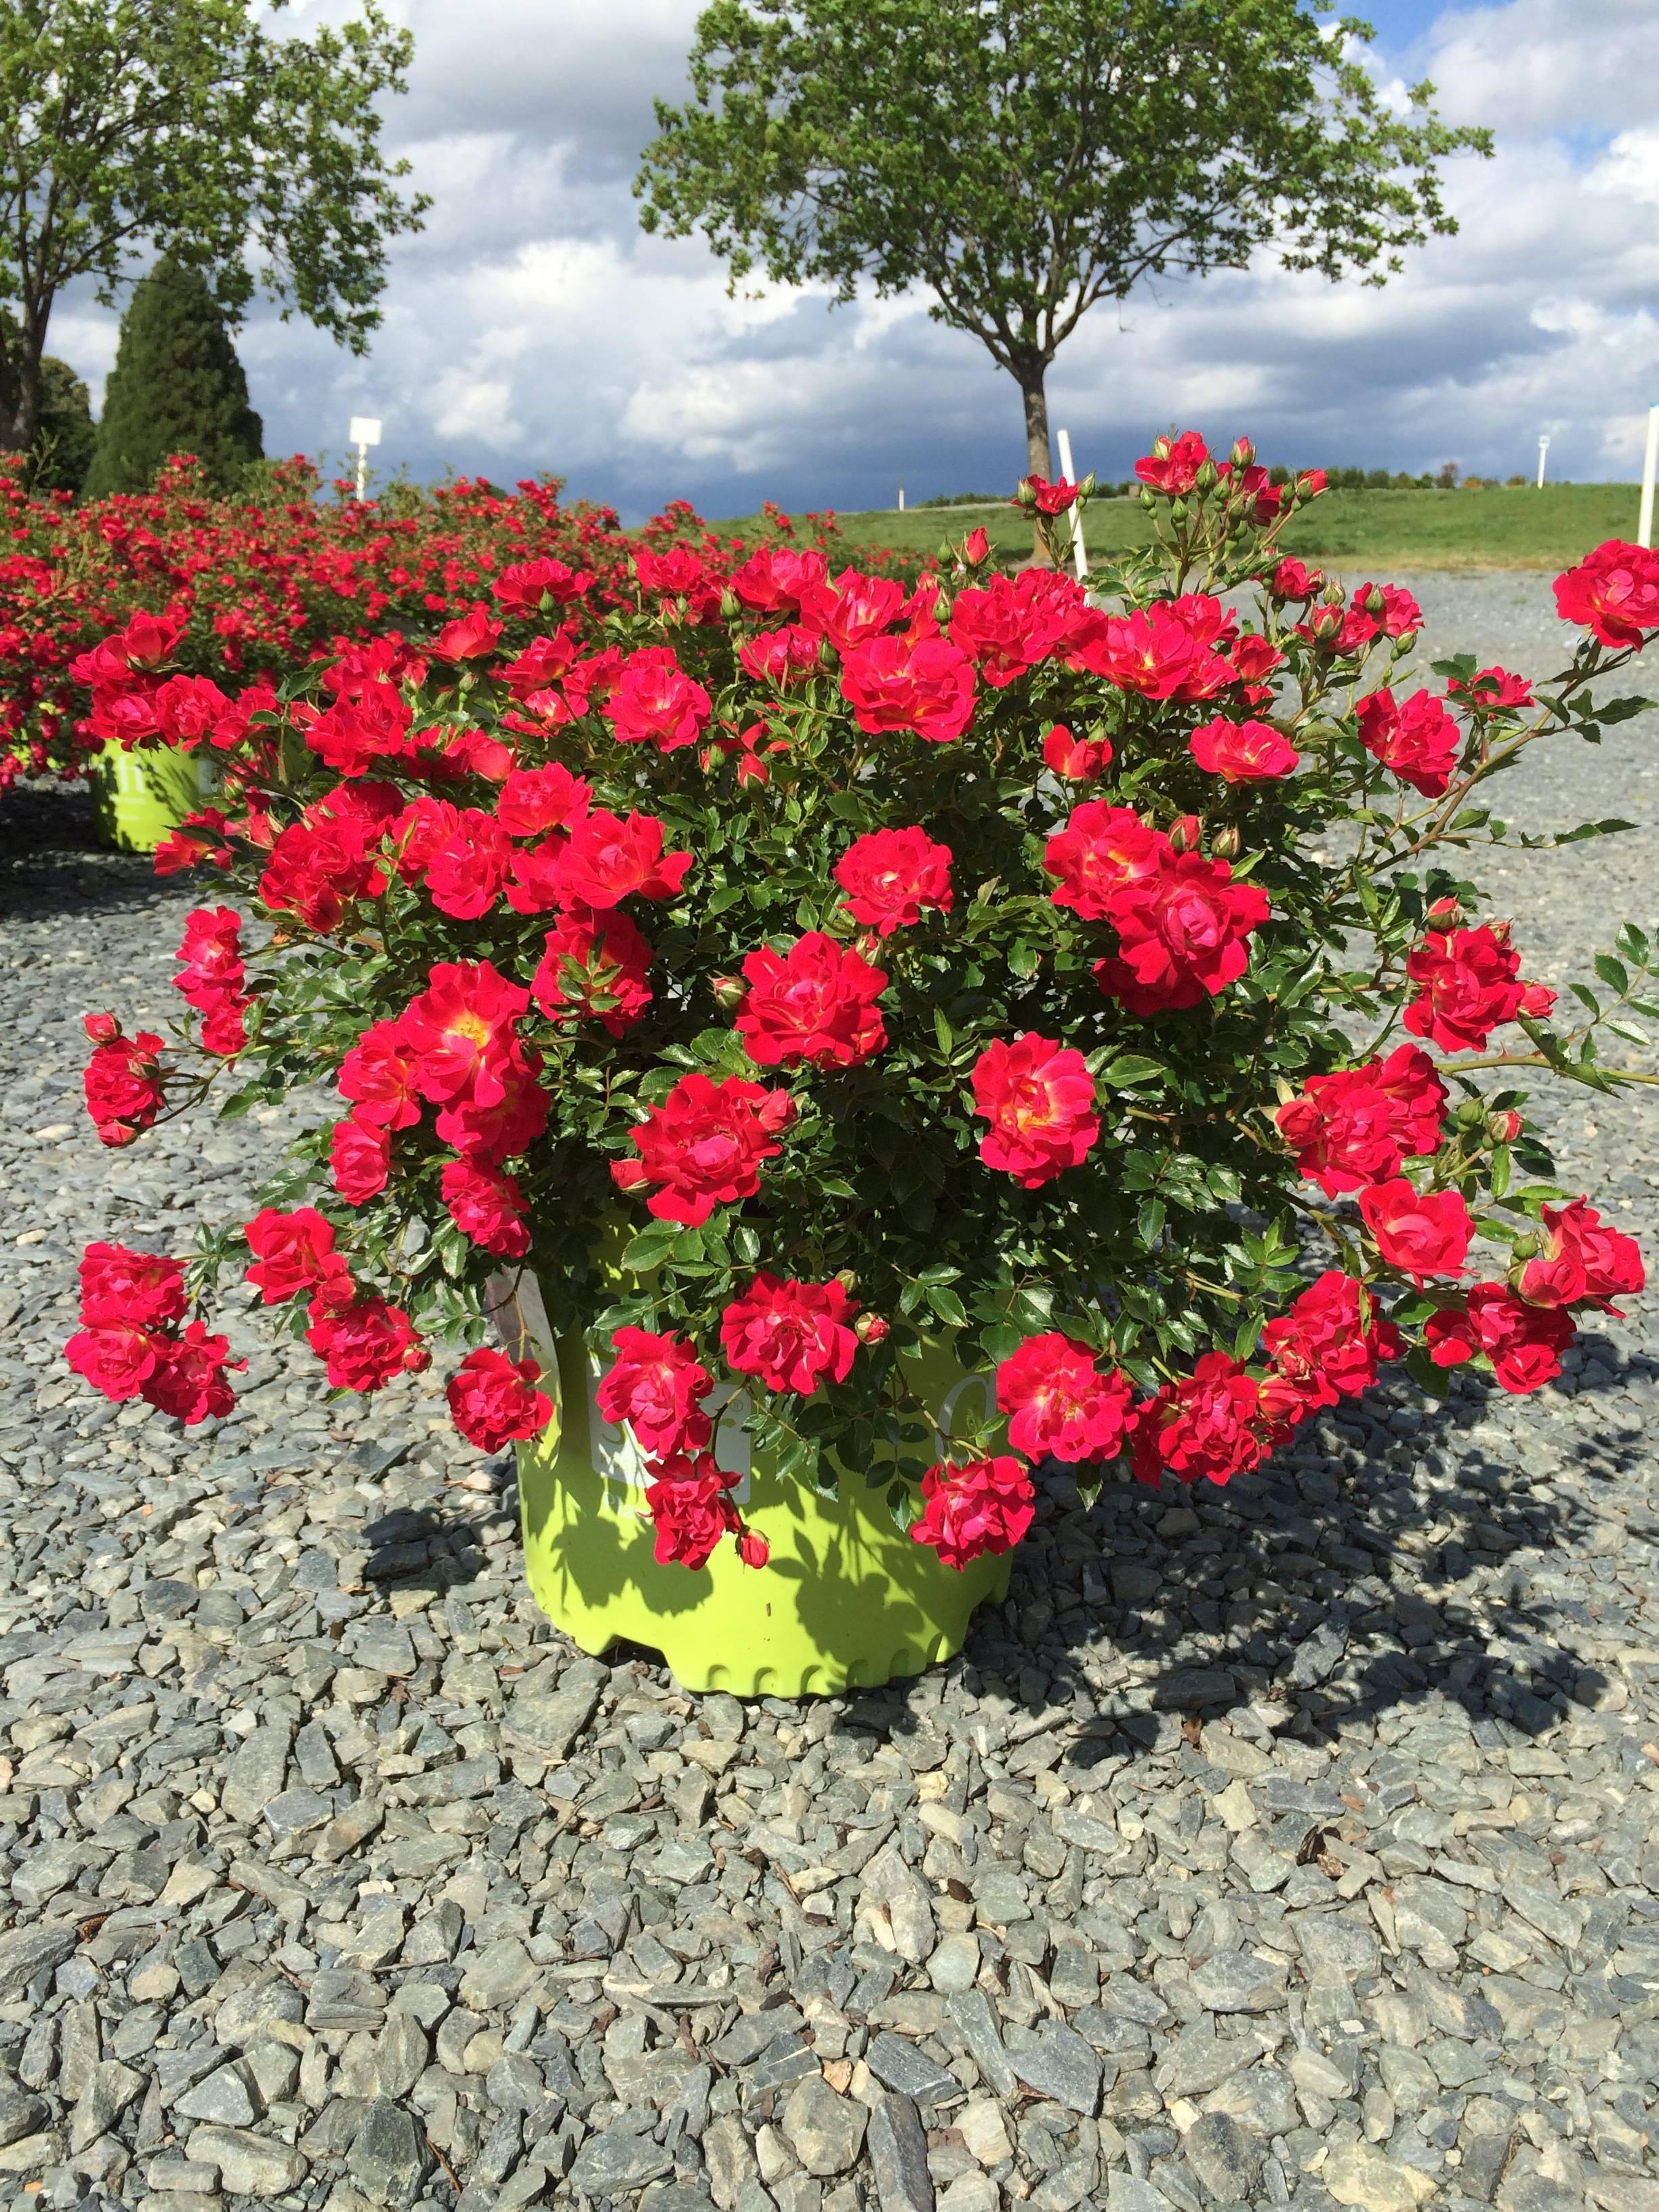 О розе ред пиано (red piano): описание и характеристики розы чайно гибридной